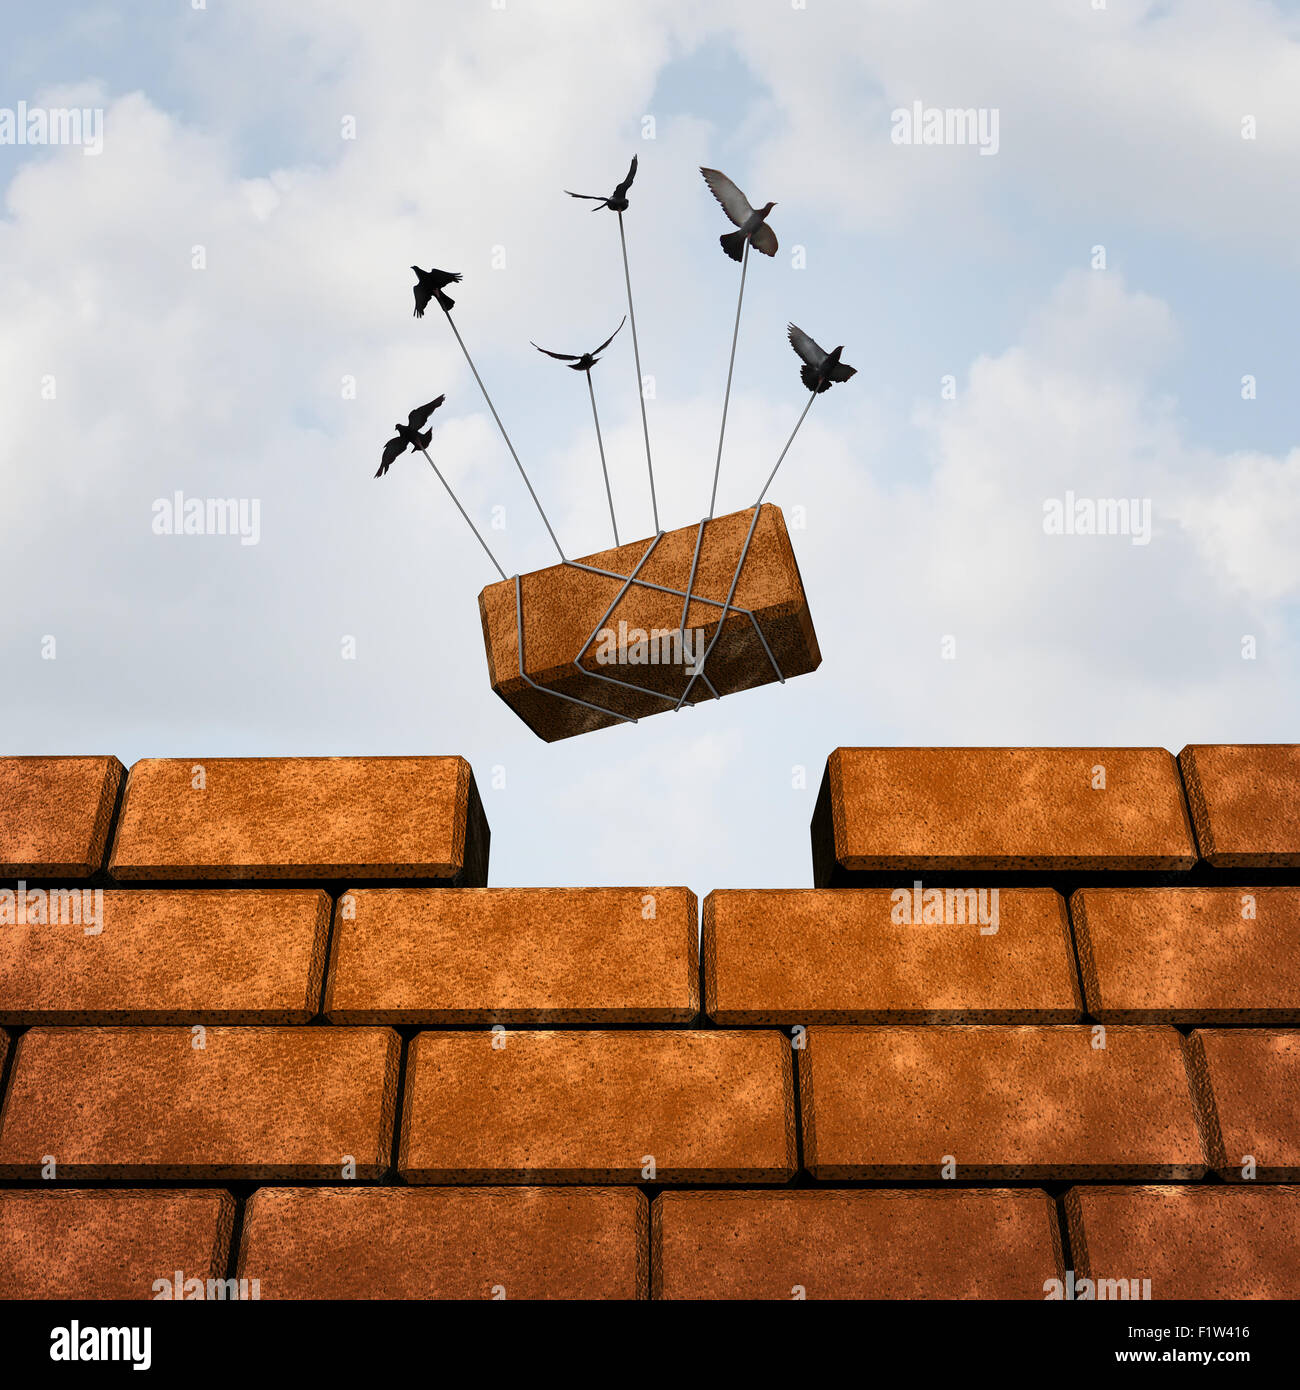 Construir un muro concepto de negocio como un grupo de aves colocando un ladrillo para completar un muro como un Imagen De Stock